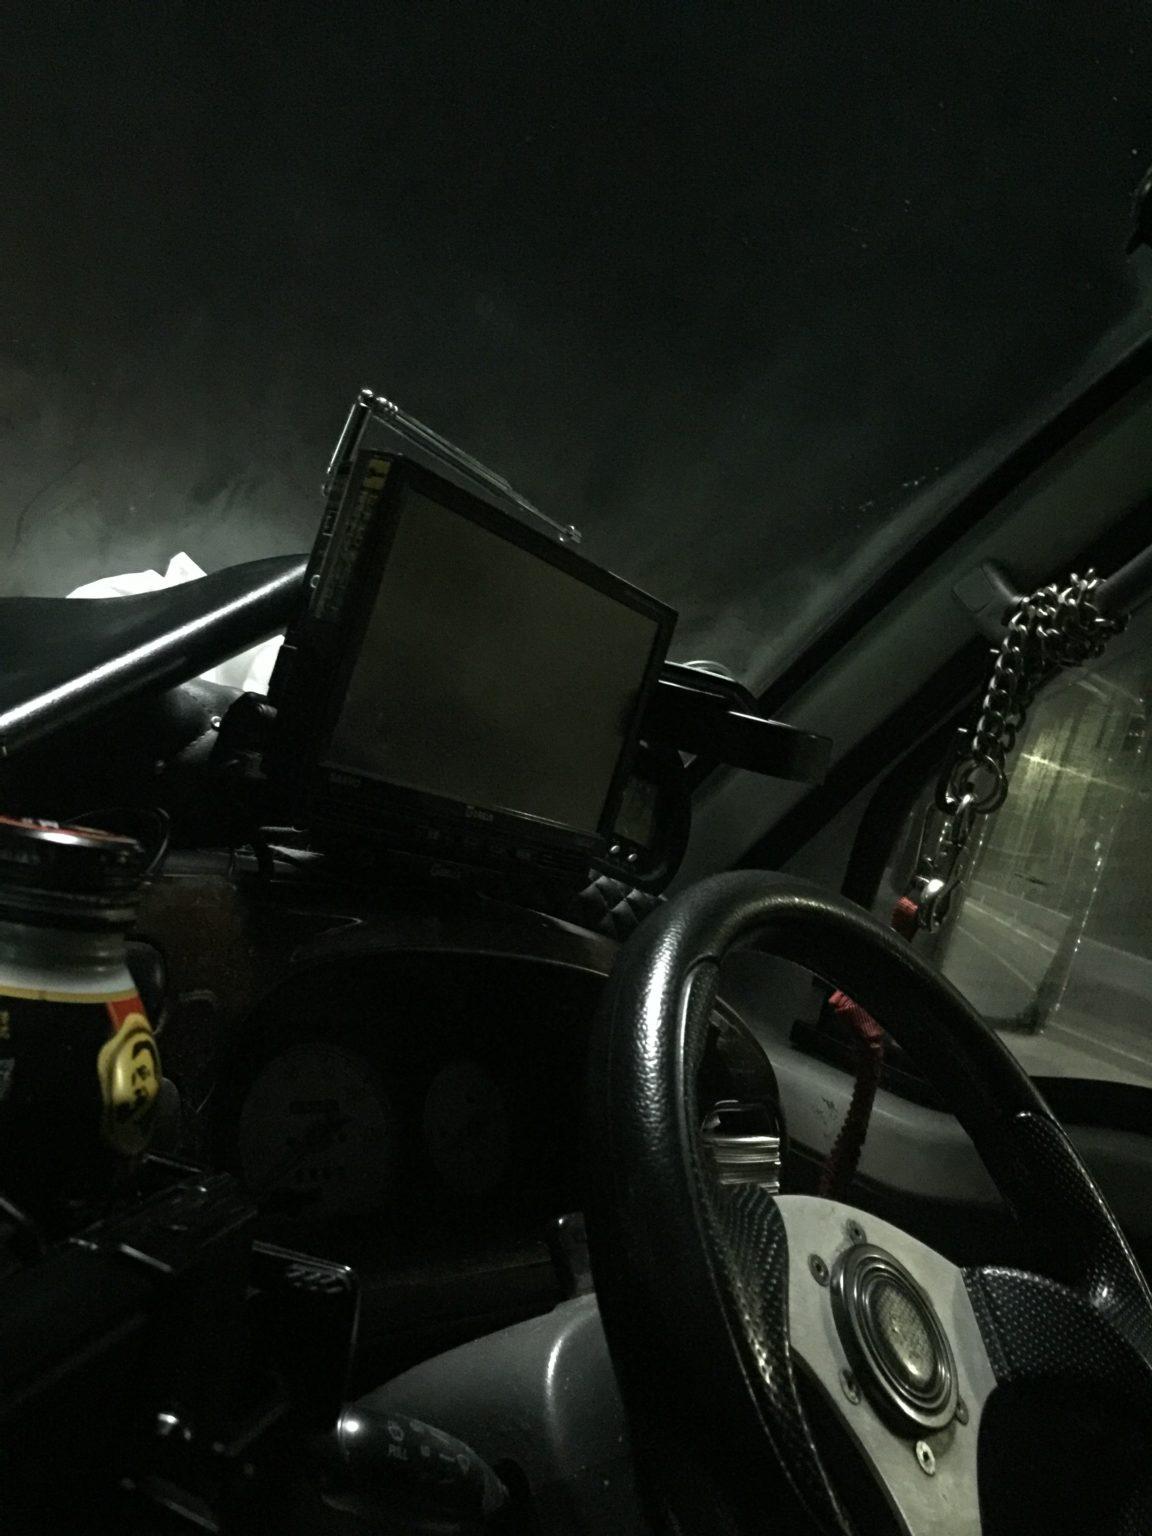 千葉県内の夜間配送 【軽貨物運送の検証ブログ】